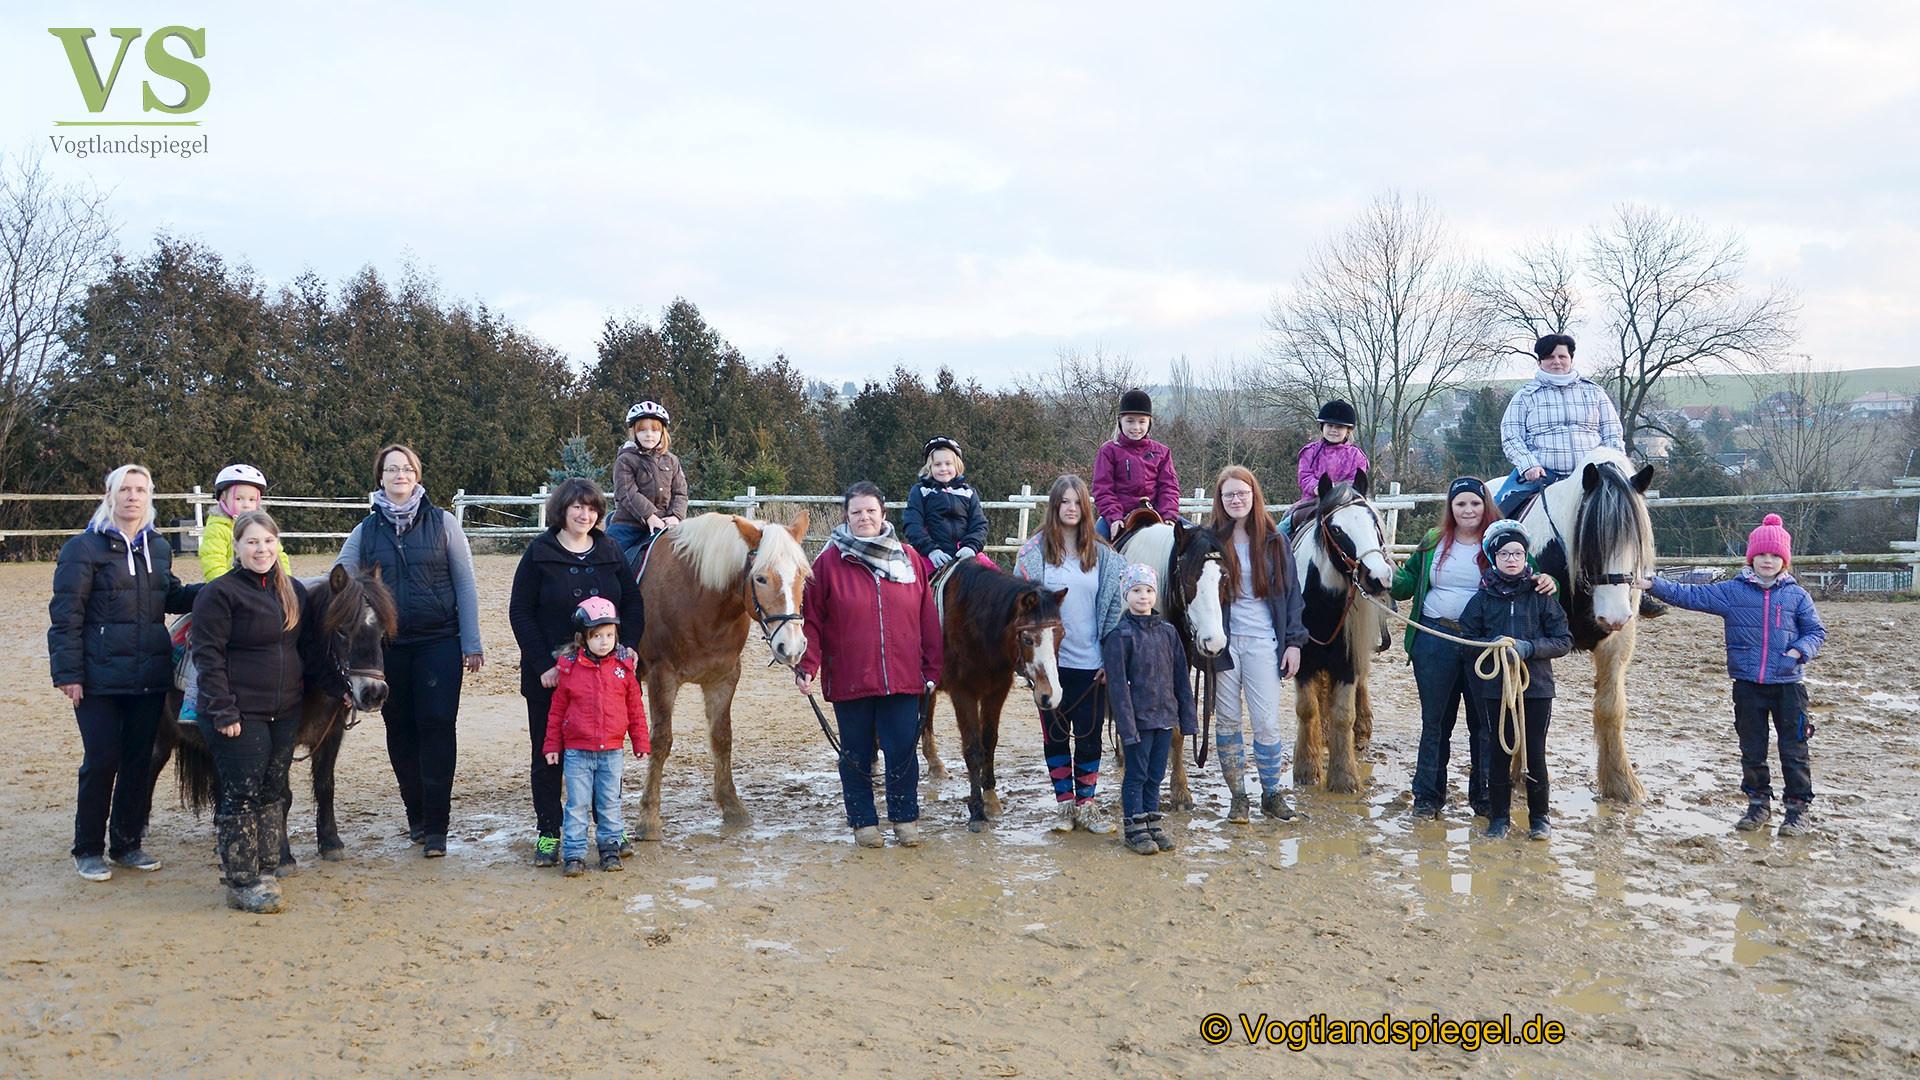 Zeit mit Pferden: Auf Wetzels Gut Kinderherzen glücklich gemacht